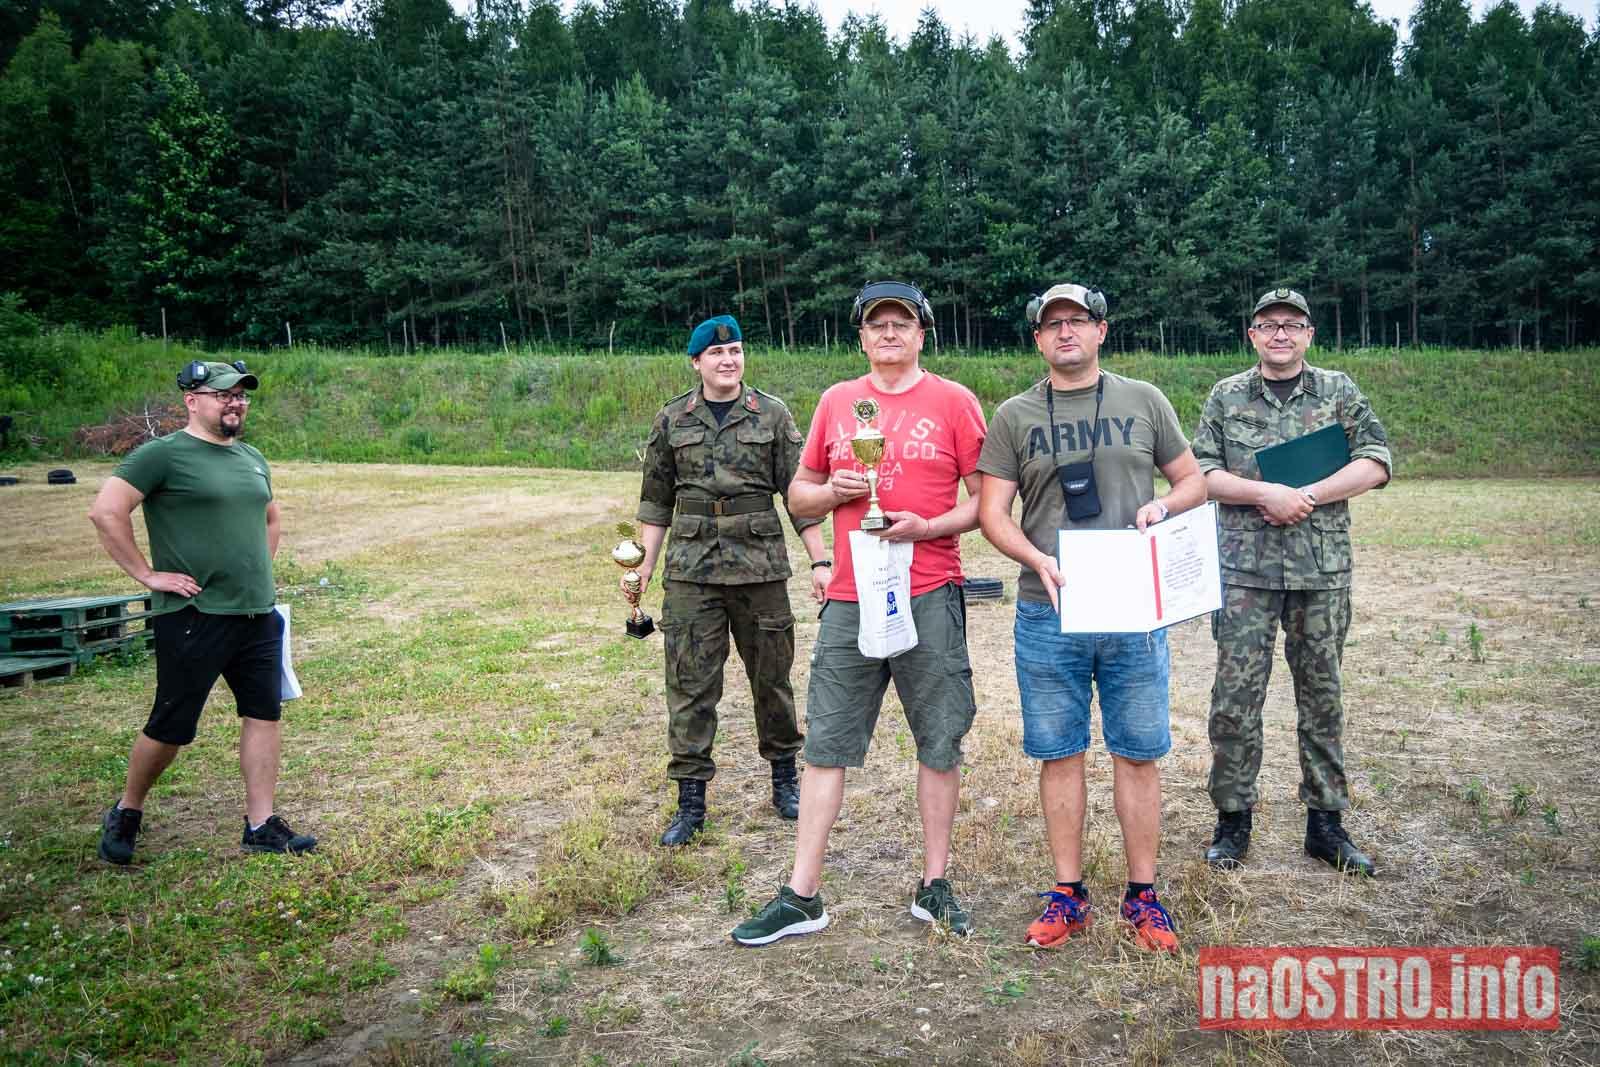 NaOSTROinfo Zawody Strzeleckie-17